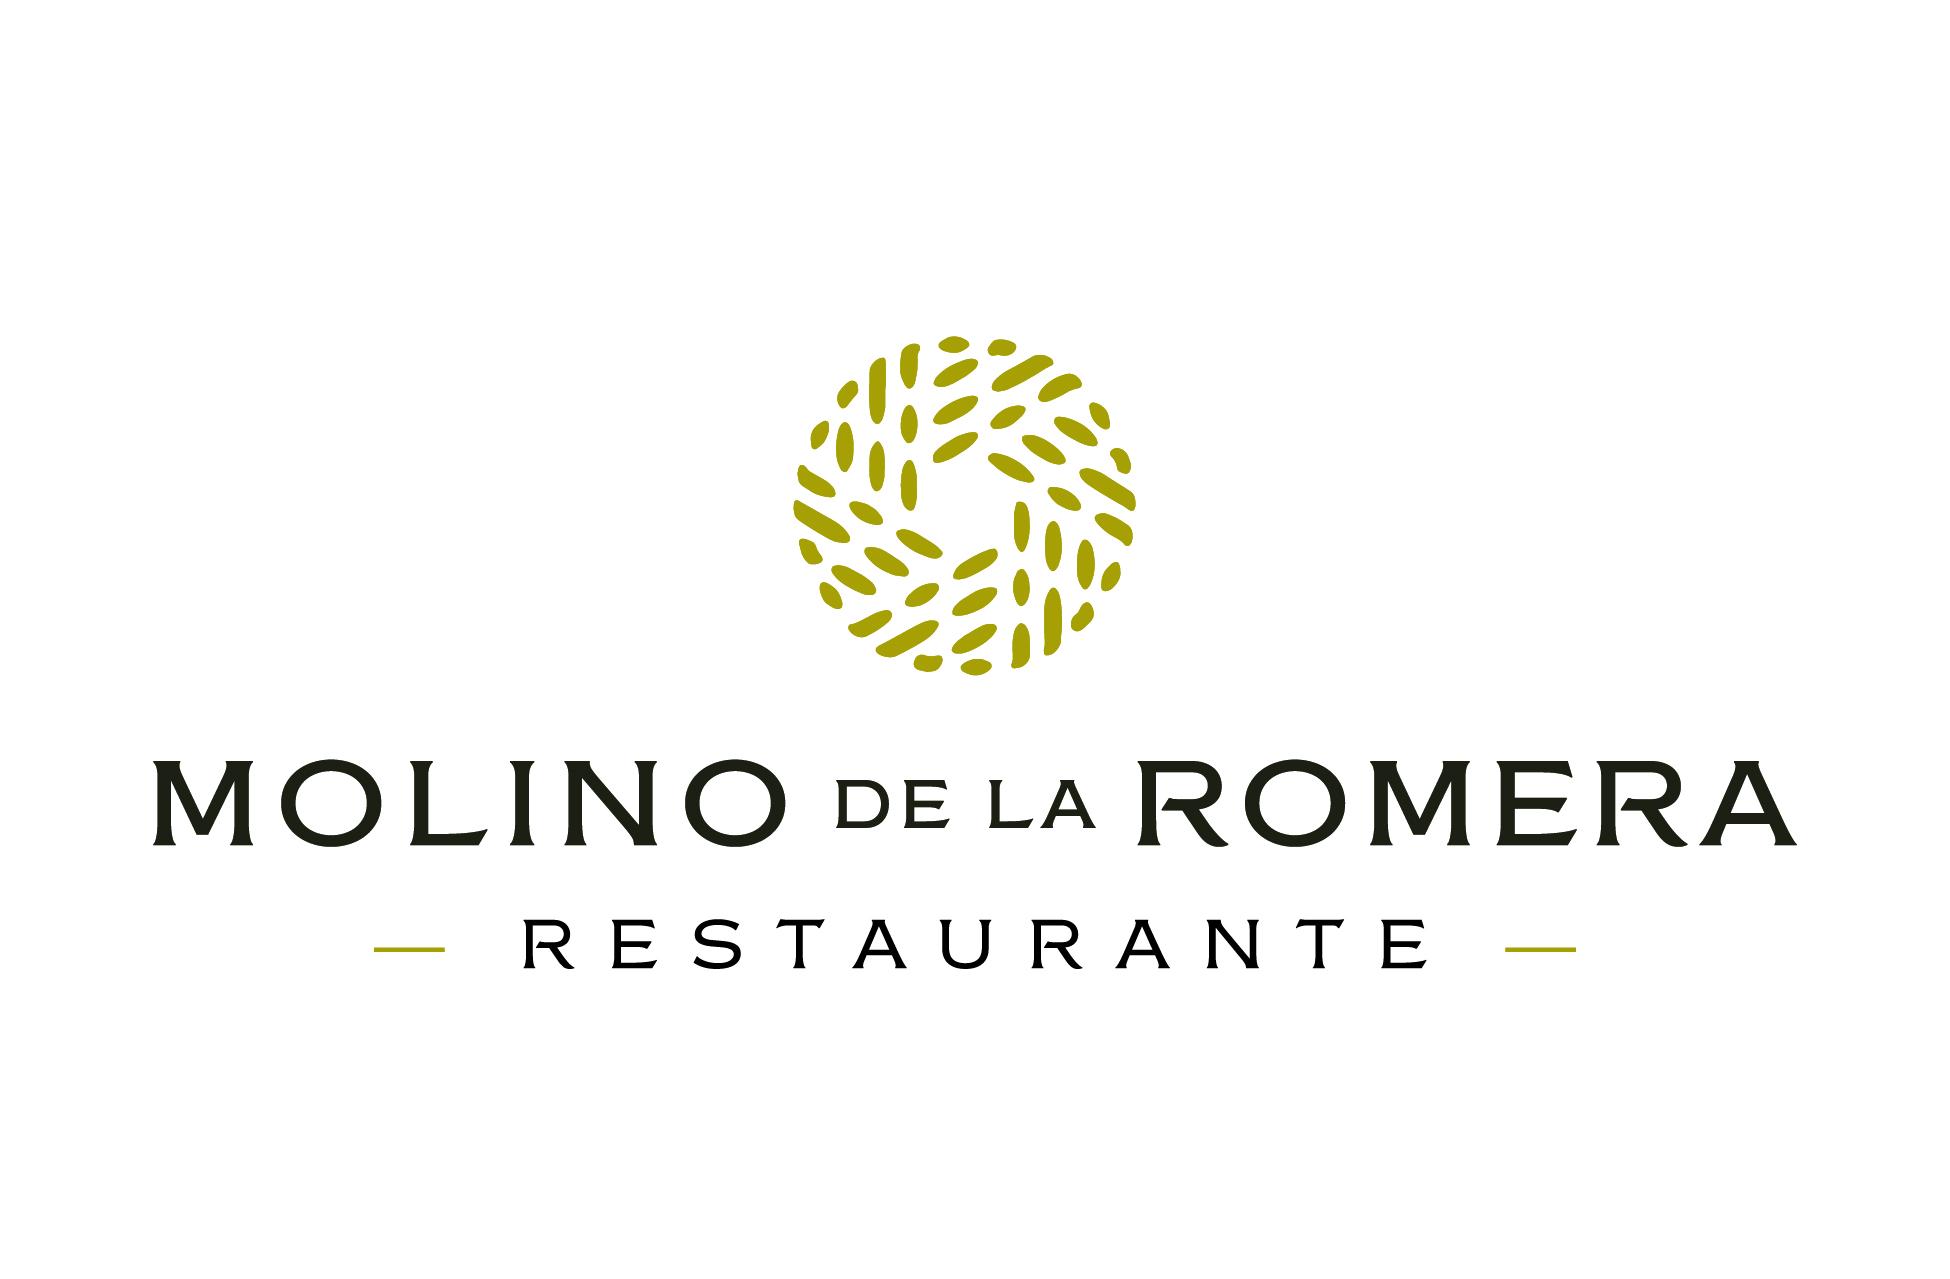 Molino de la Romera | Molino de la Romera Restaurante